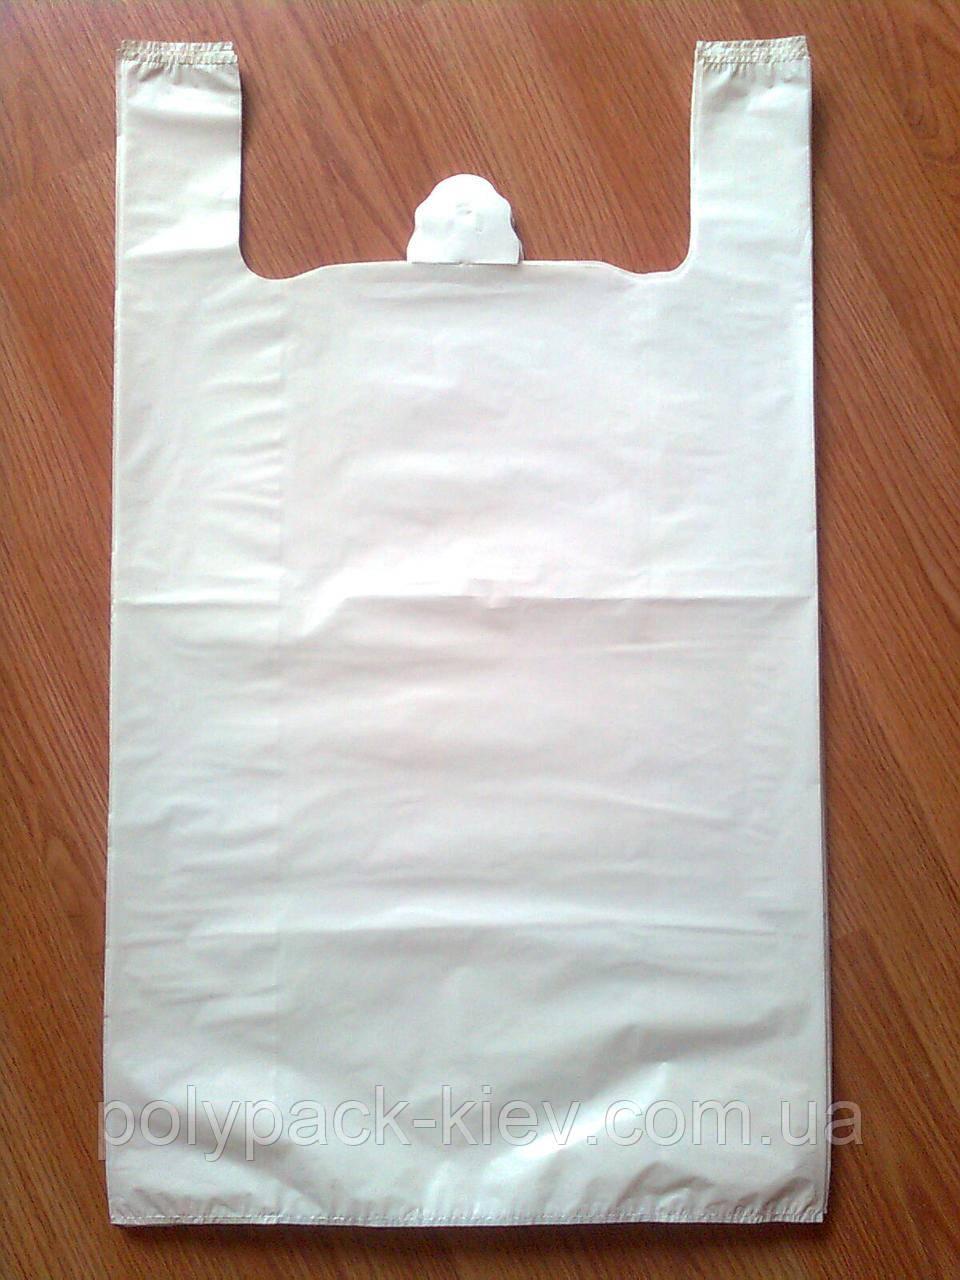 Белые пакеты майка 44*75 см/45 мкм без печати, суперпрочные плотные большие, прочный белый пакет без логотипа